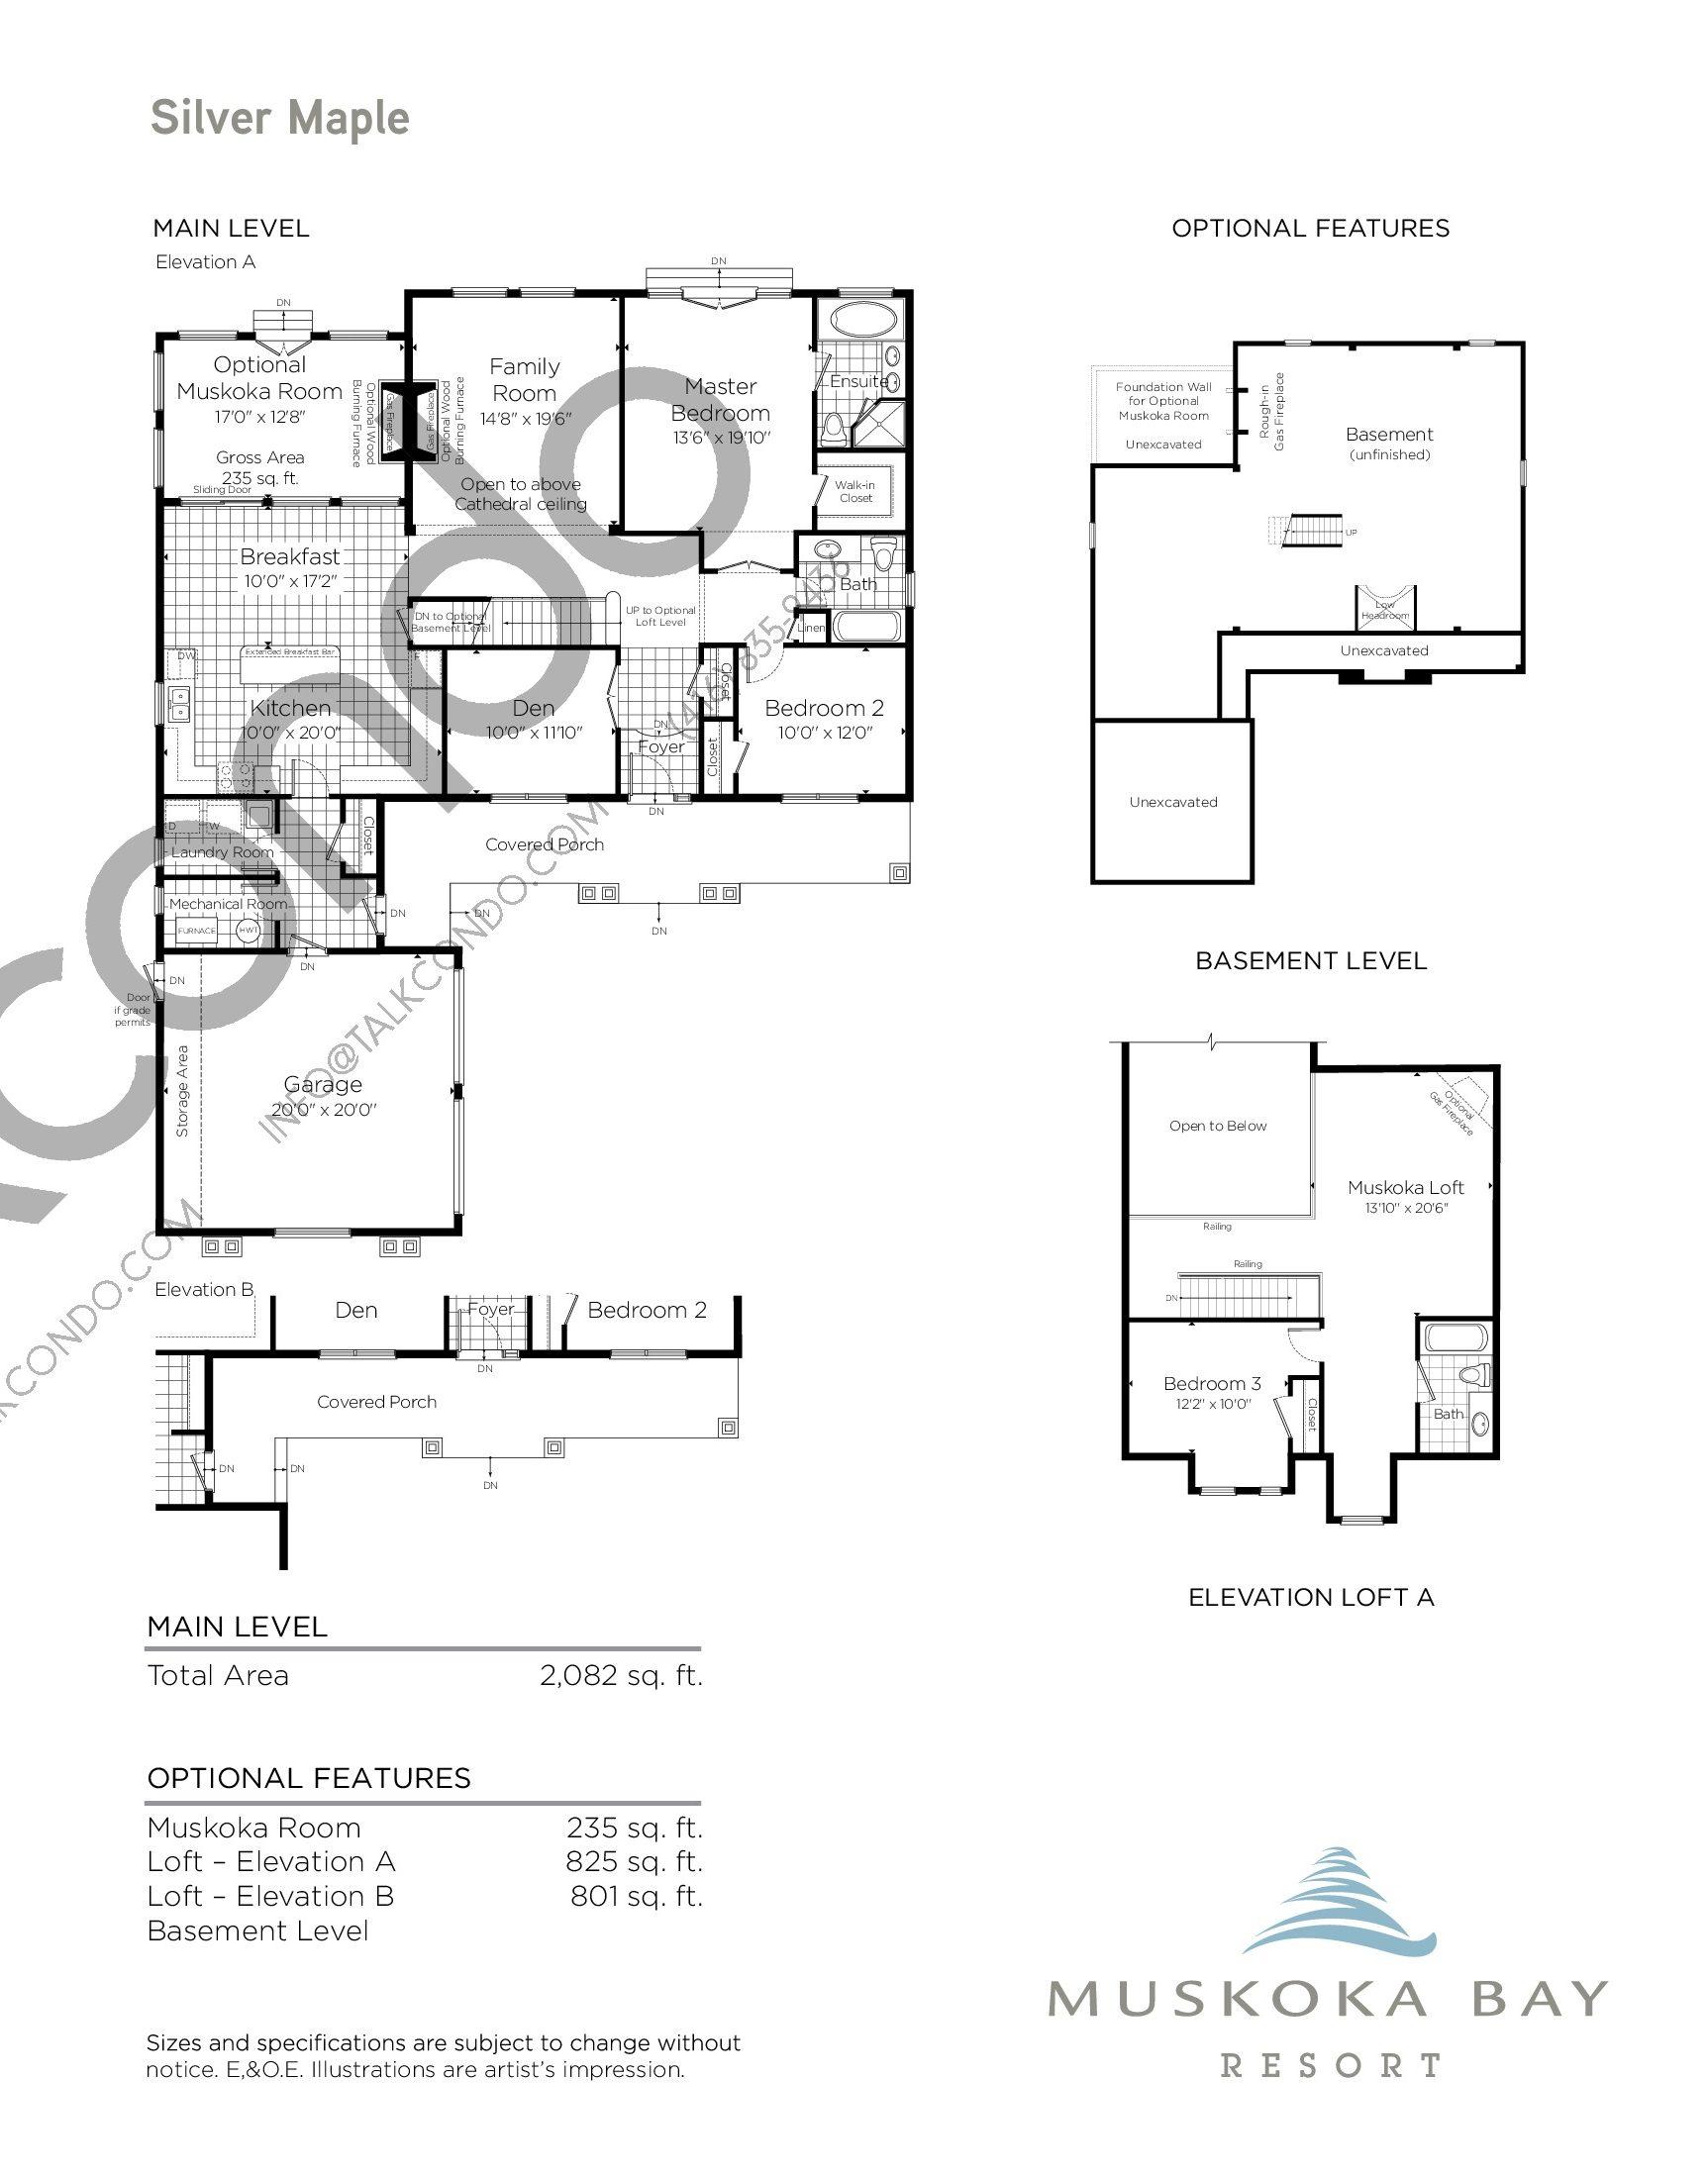 Silver Maple Floor Plan at Muskoka Bay Resort - 3142 sq.ft